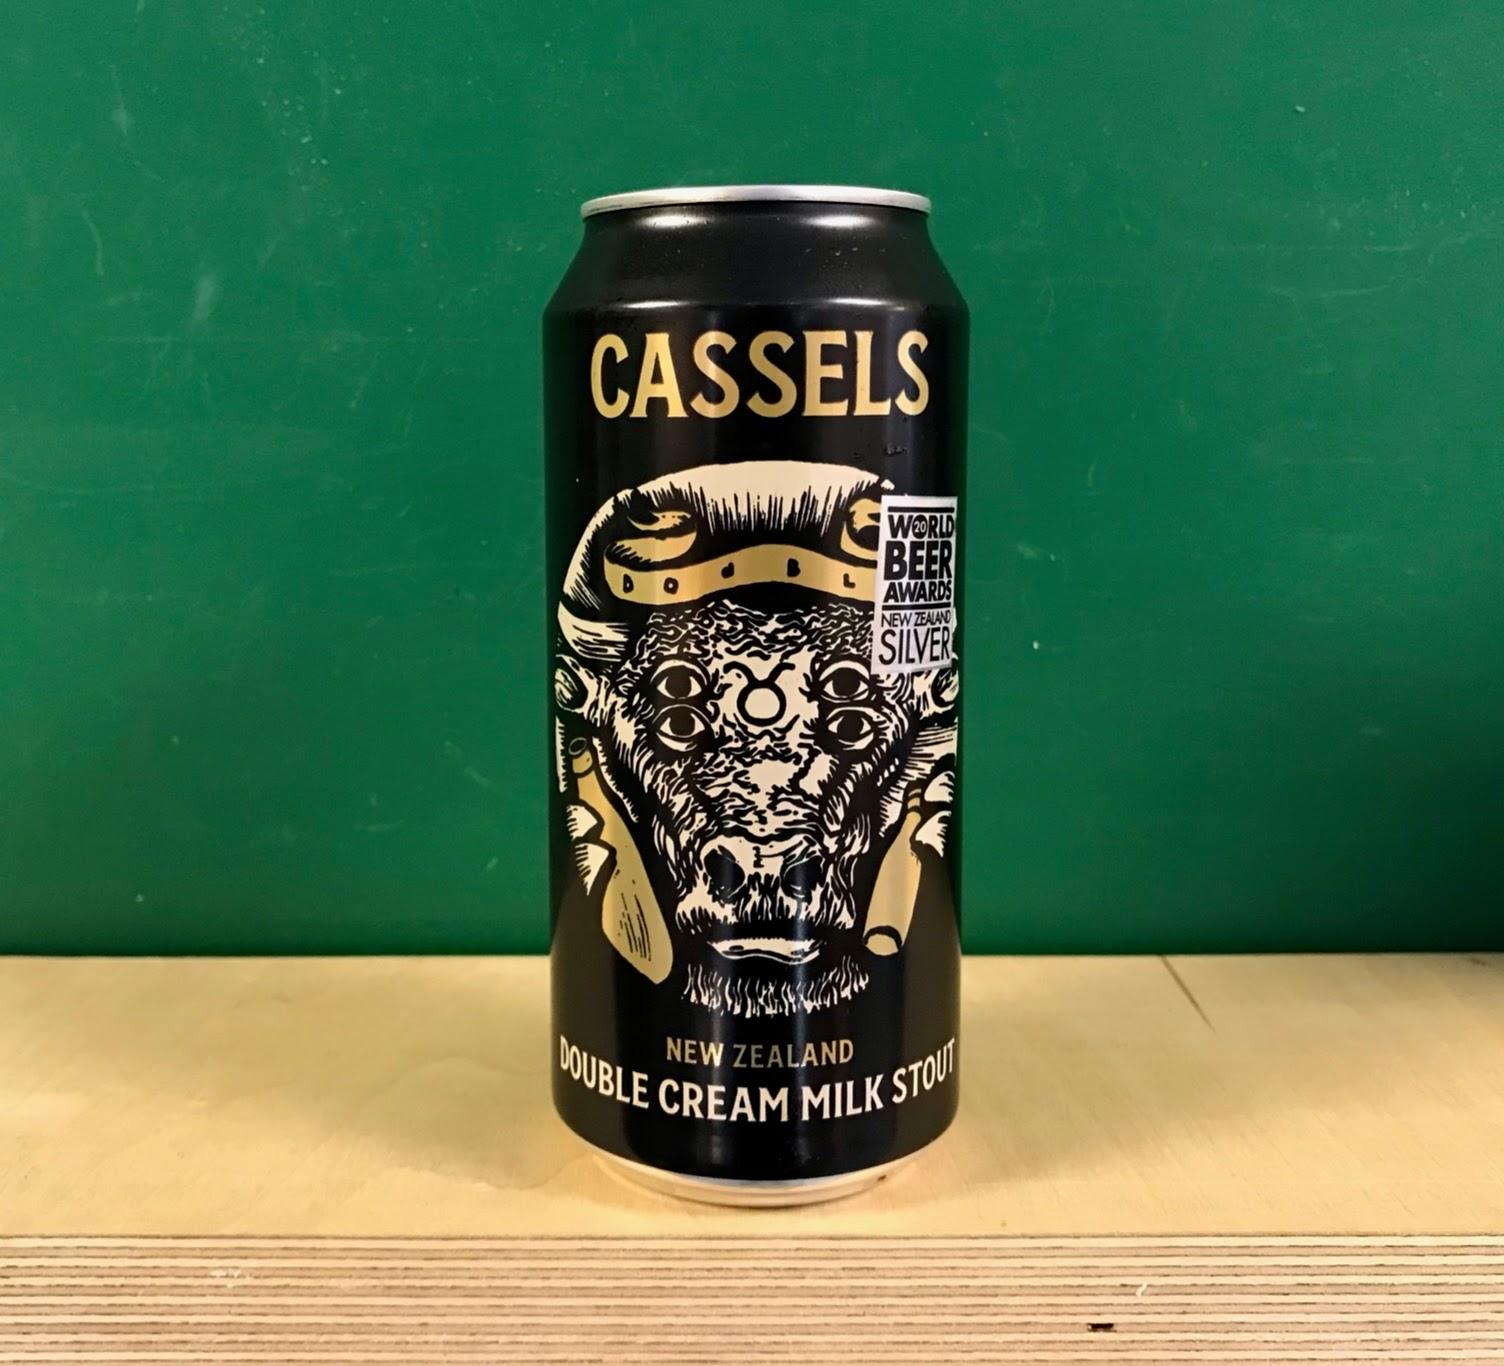 Cassels Double Cream Milk Stout